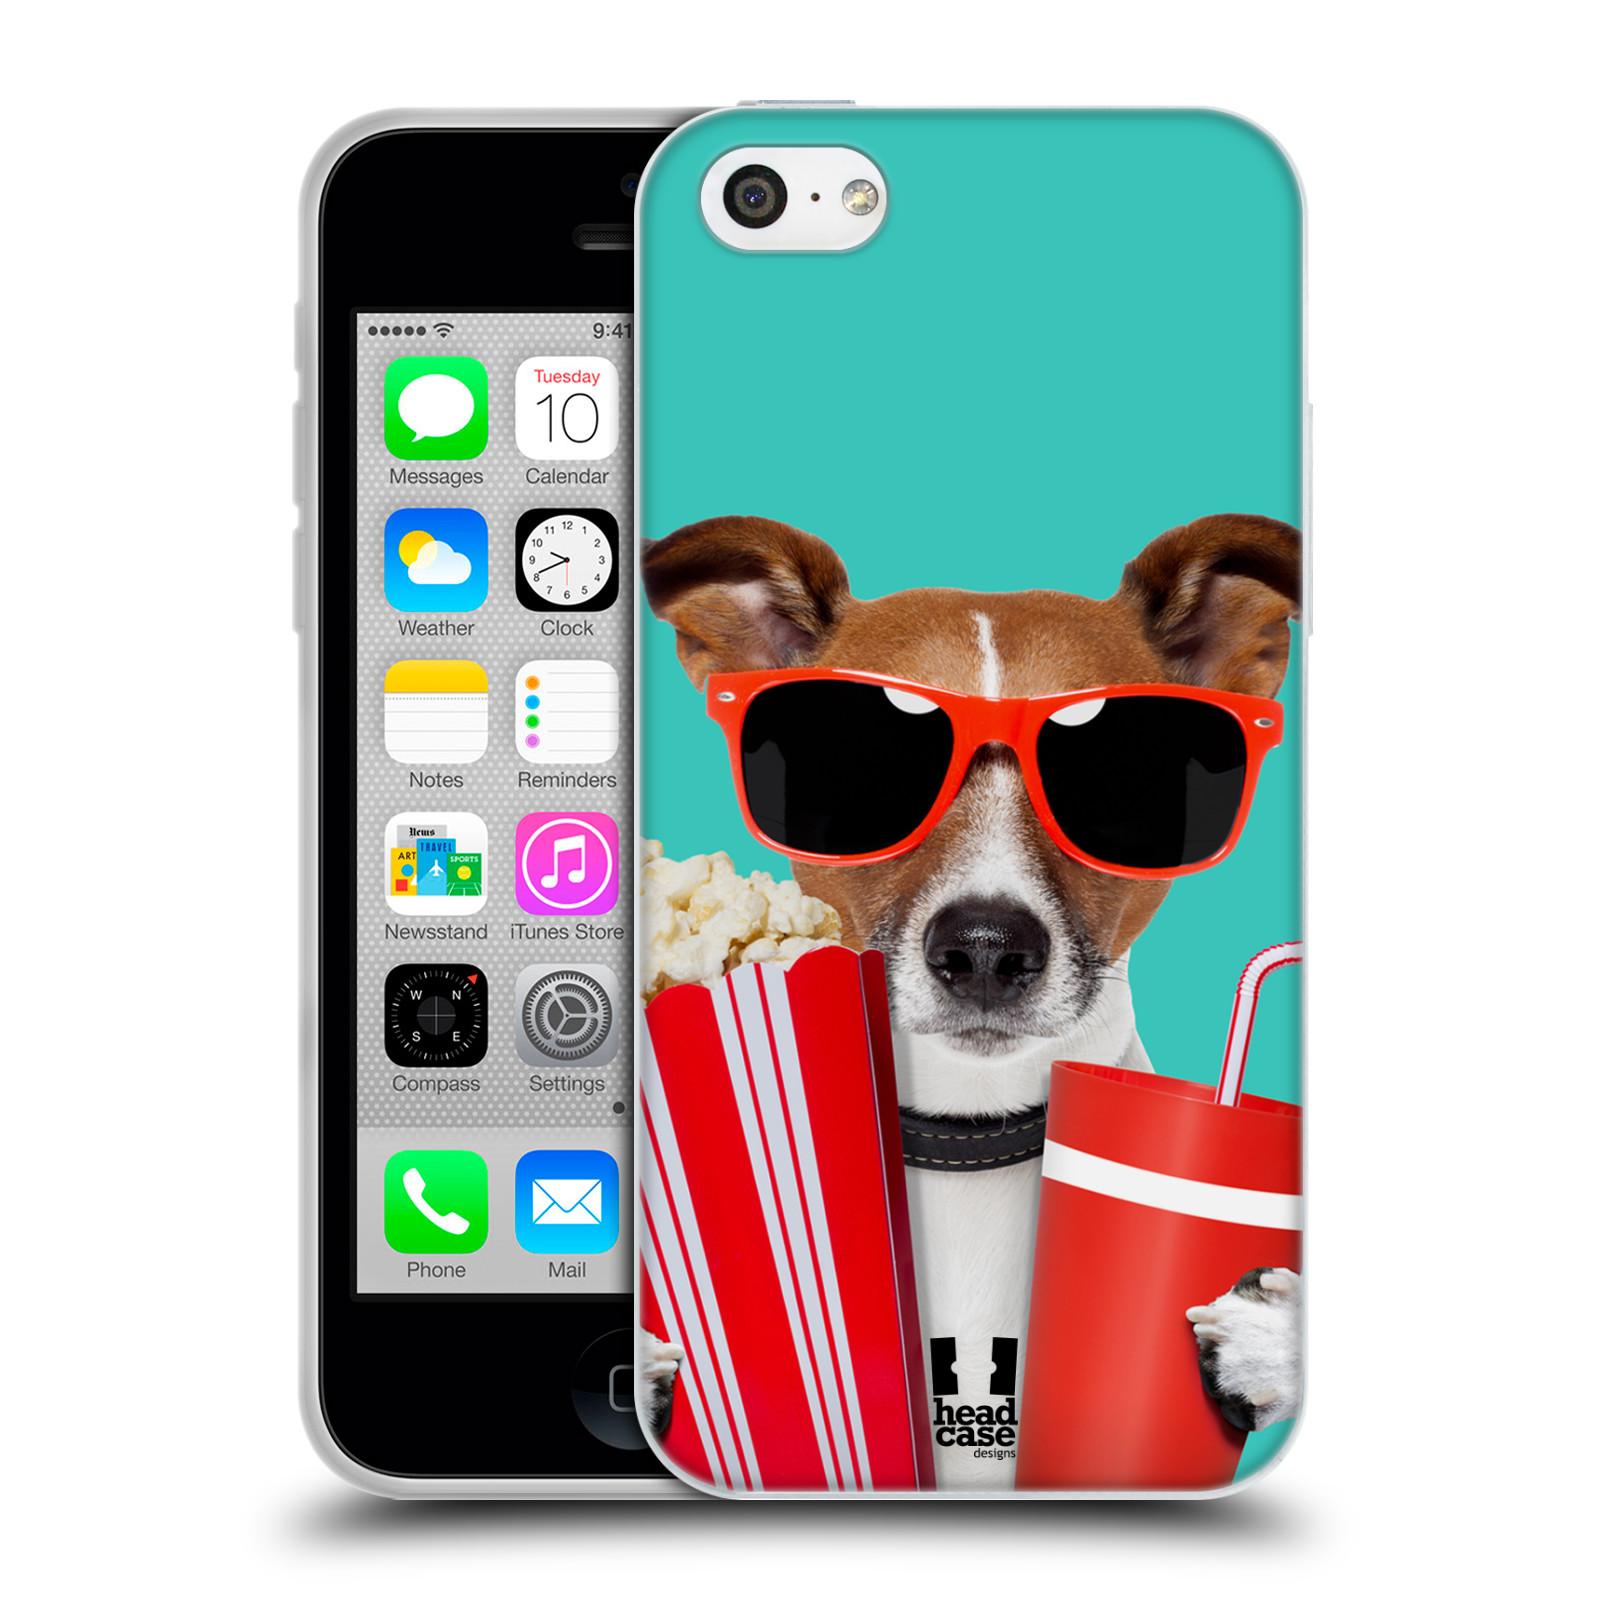 HEAD CASE silikonový obal na mobil Apple Iphone 5C vzor Legrační zvířátka pejsek v kině s popkornem